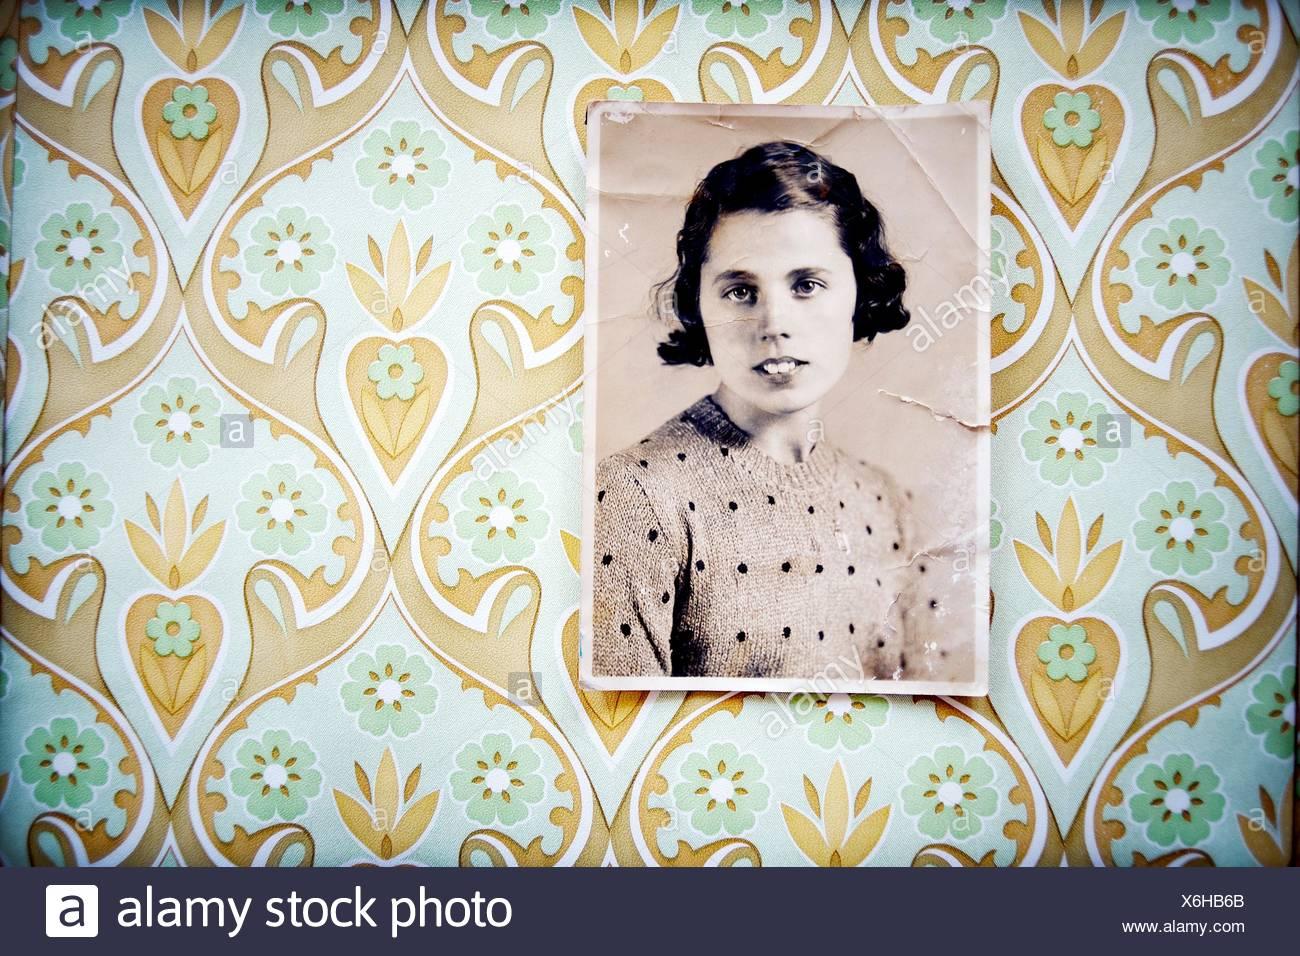 Retrato en blanco y negro de mujer de los años 40 colgada en la pared con papel pintado, vintage, retrato en blanco y negro de un Imagen De Stock